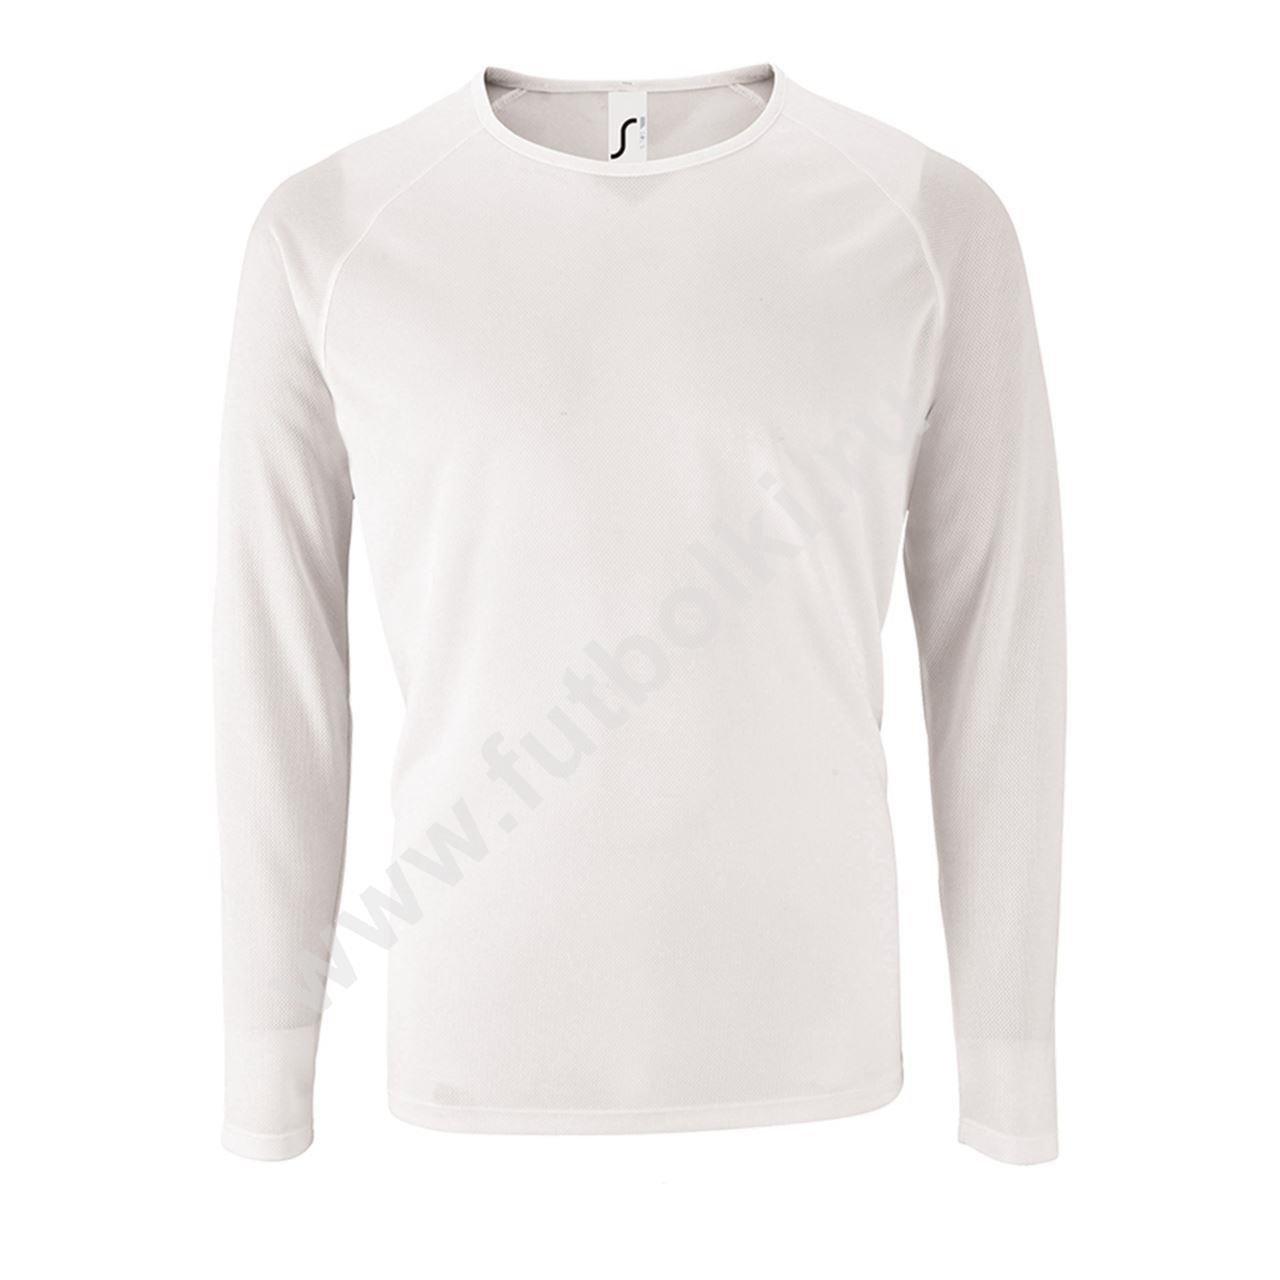 249c53fac4709 Купить мужские футболки белые по низкой цене в интернет-магазине дешево